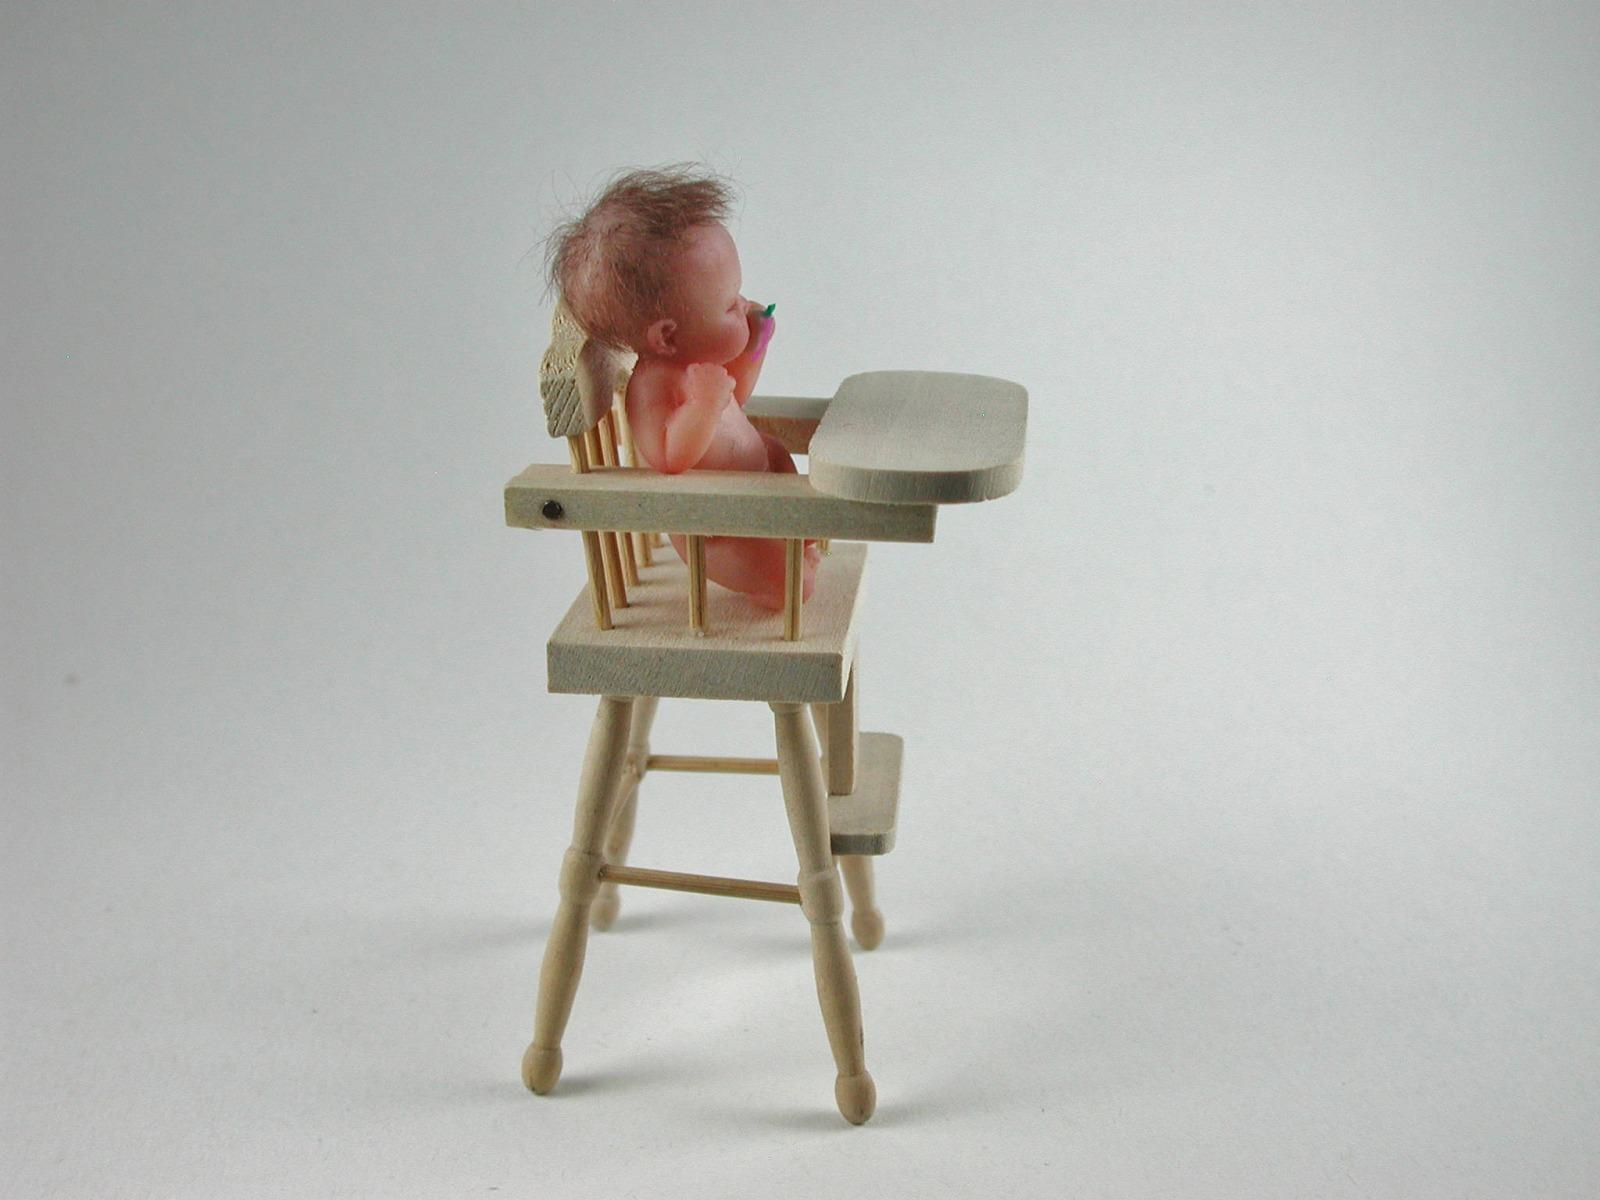 Hochstuhl für Babys 1:12 Miniatur 4